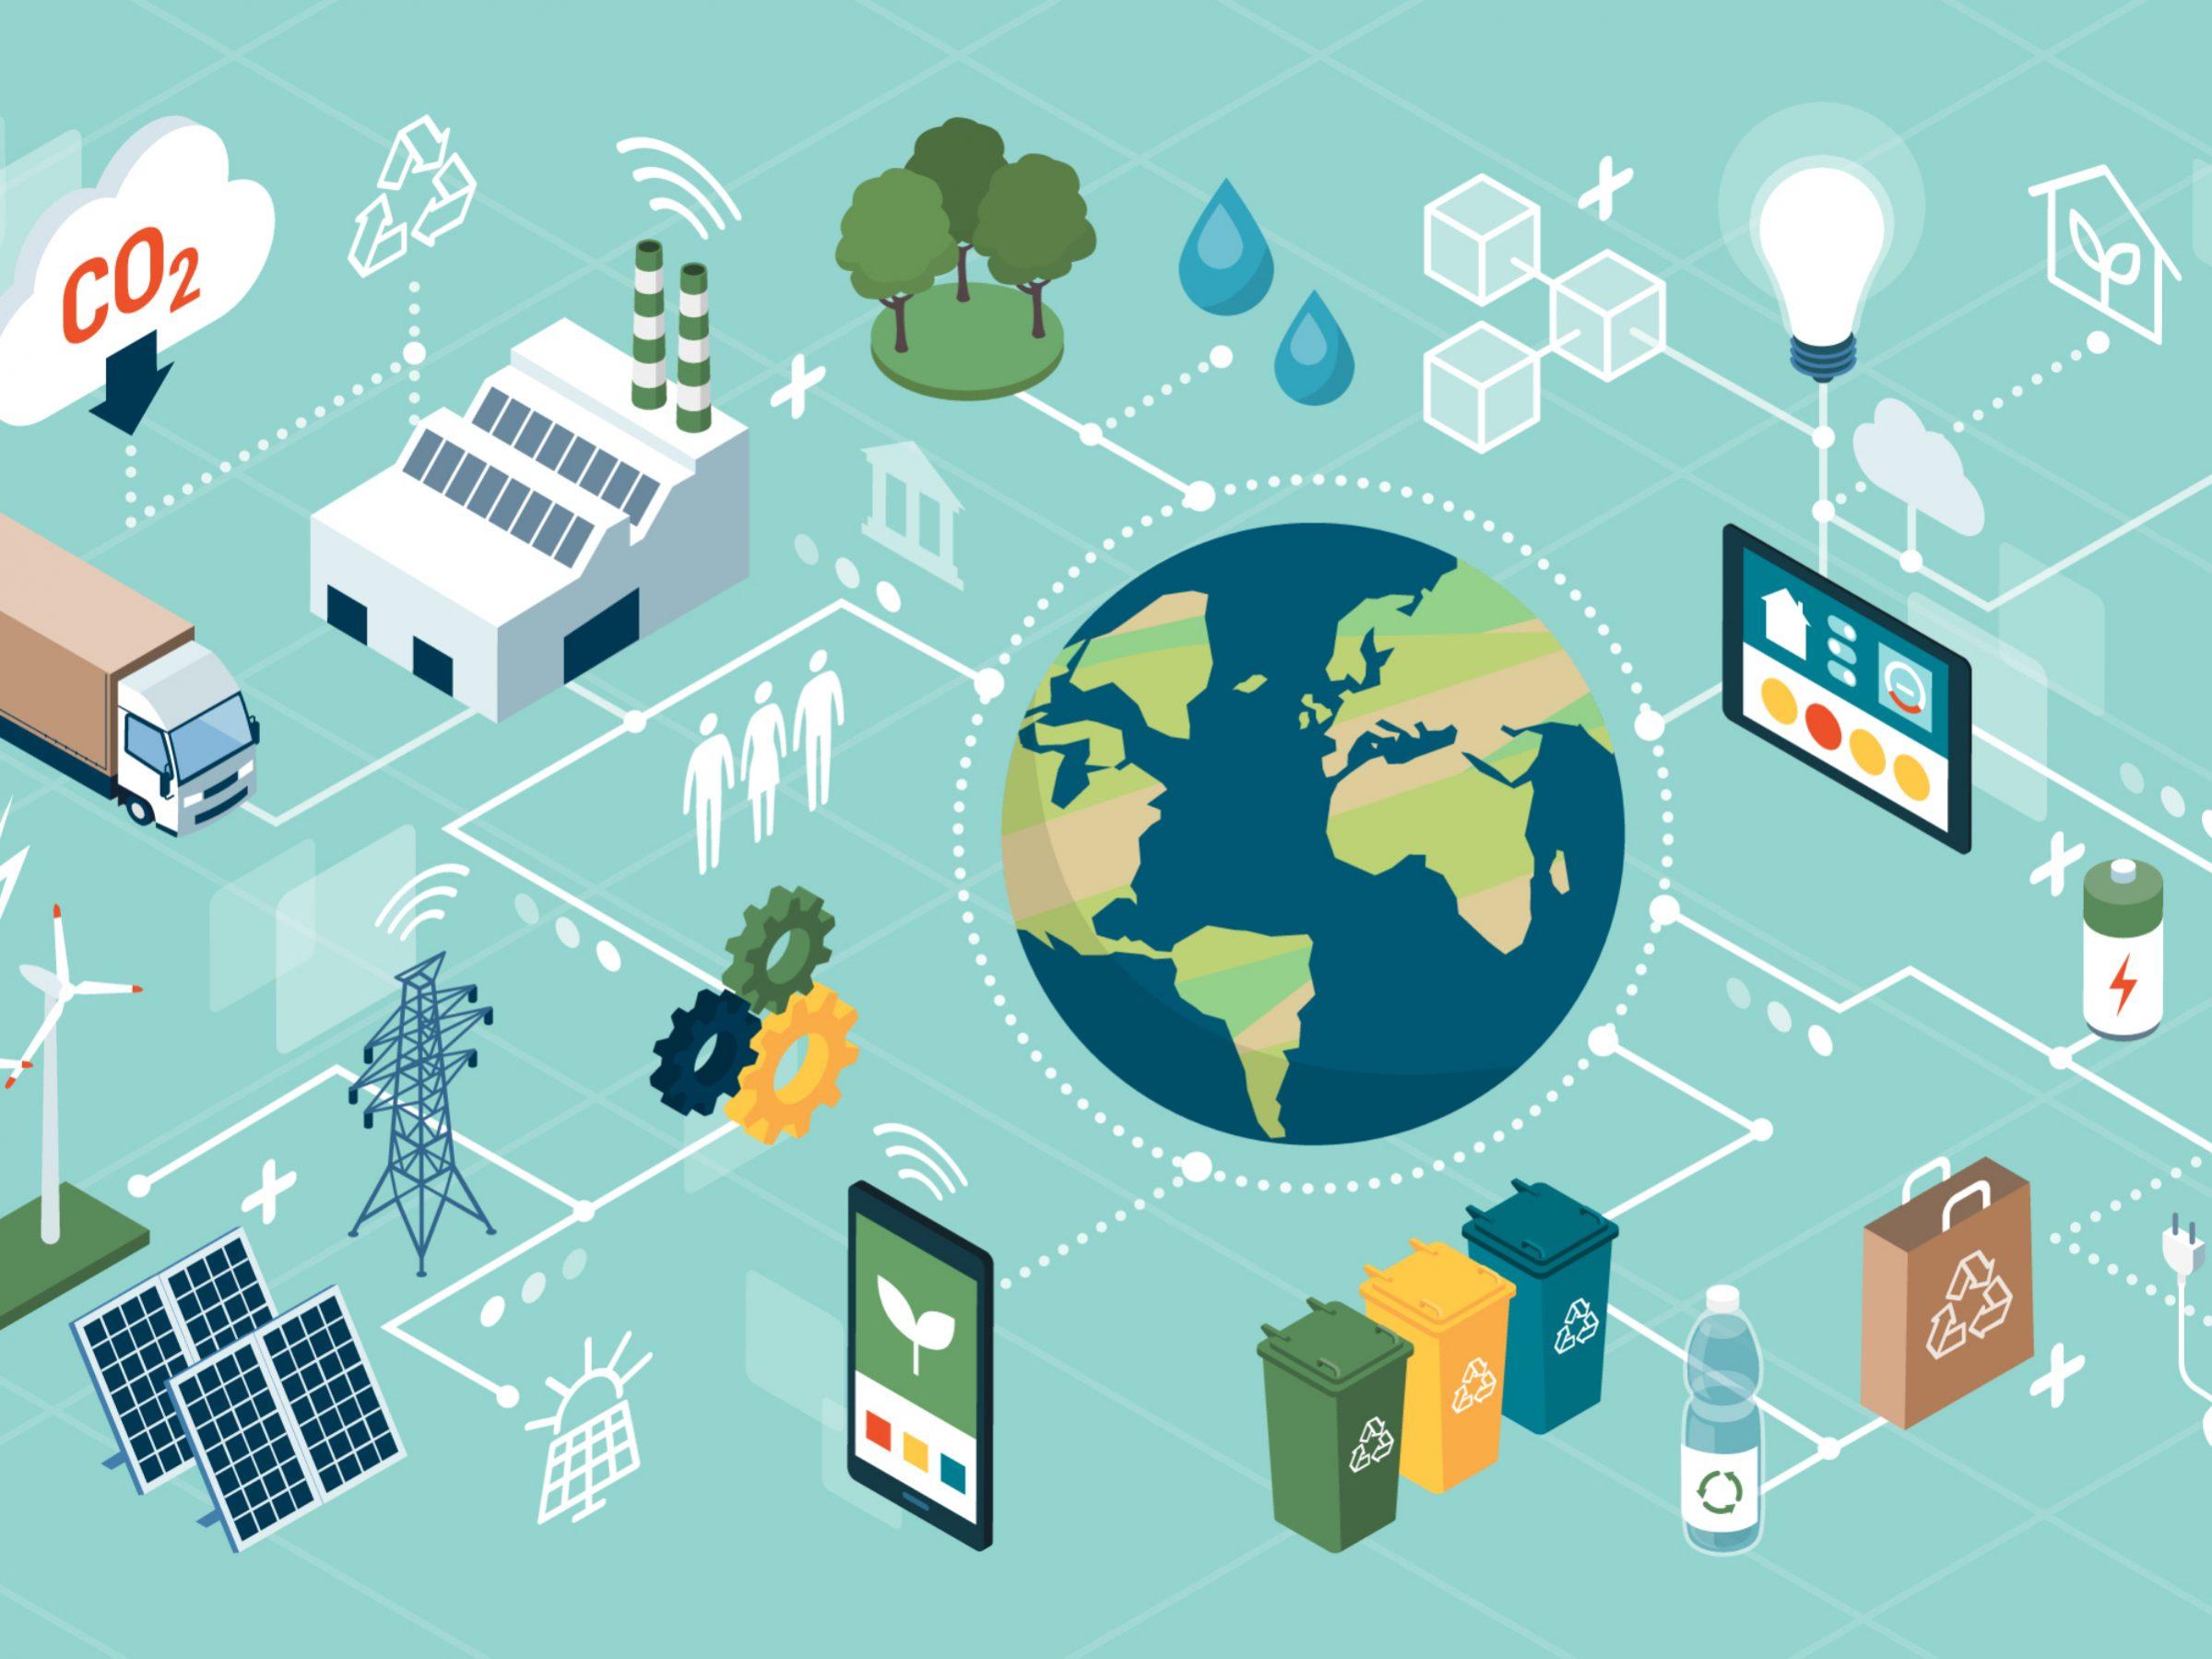 Mission Energiewende | Jahresrückblick auf das Klima-Jahr 2020